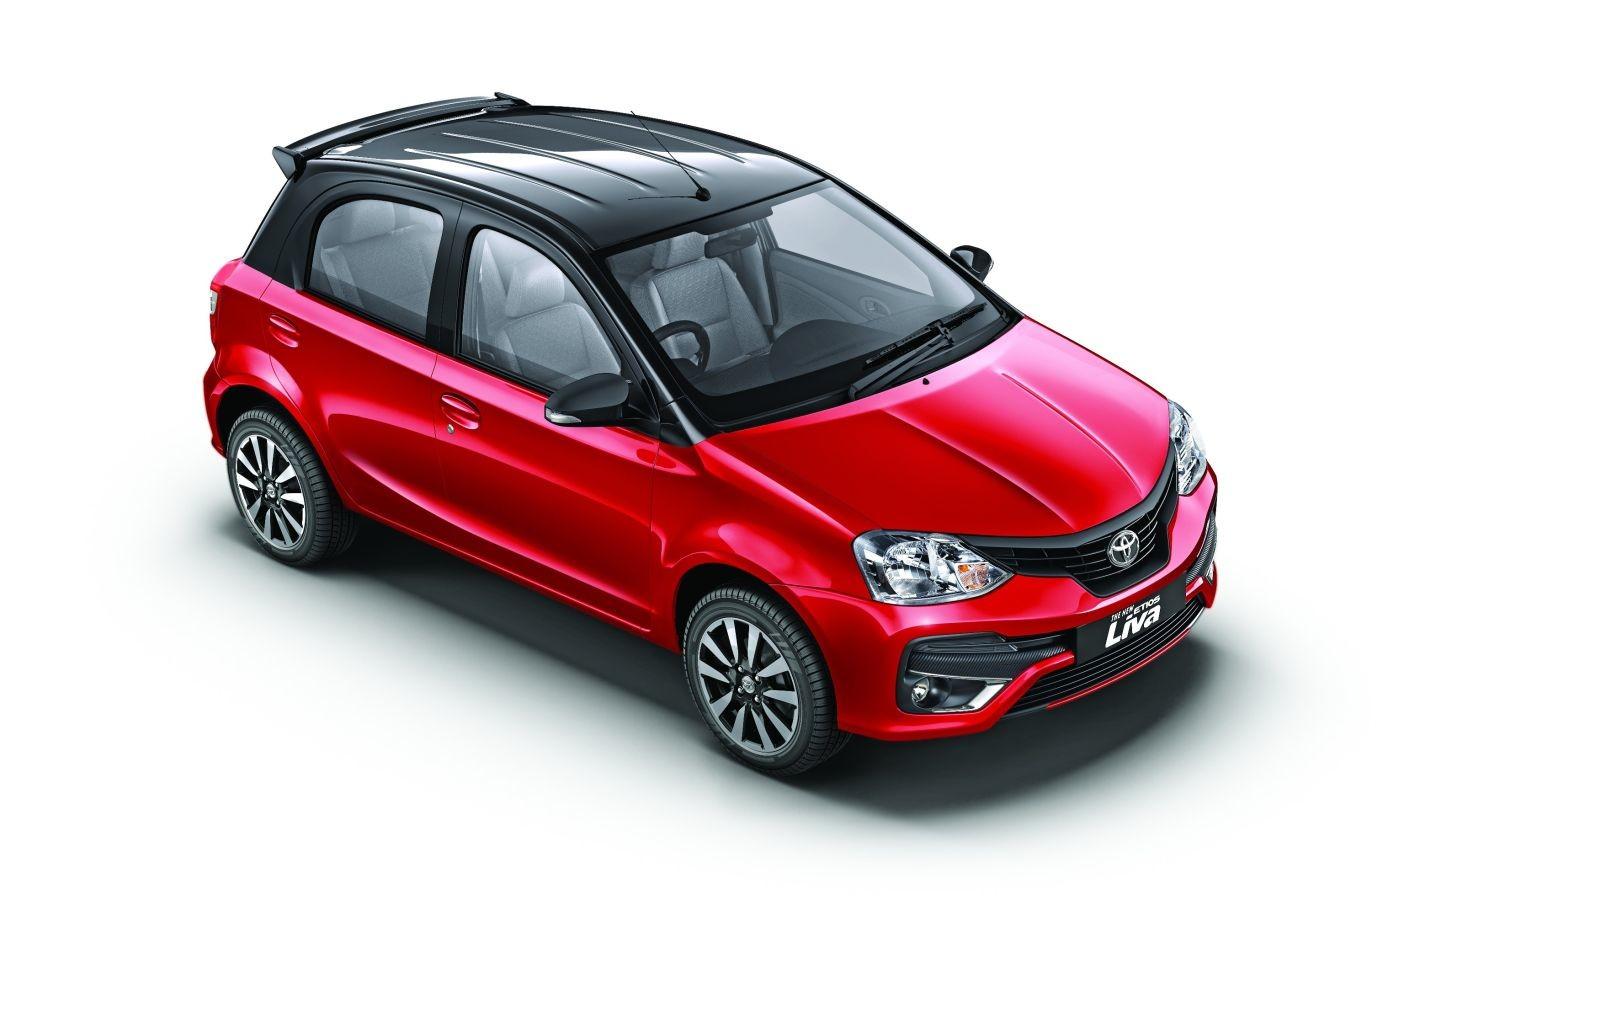 Toyota-Etios-Liva-Dual-Tone-1